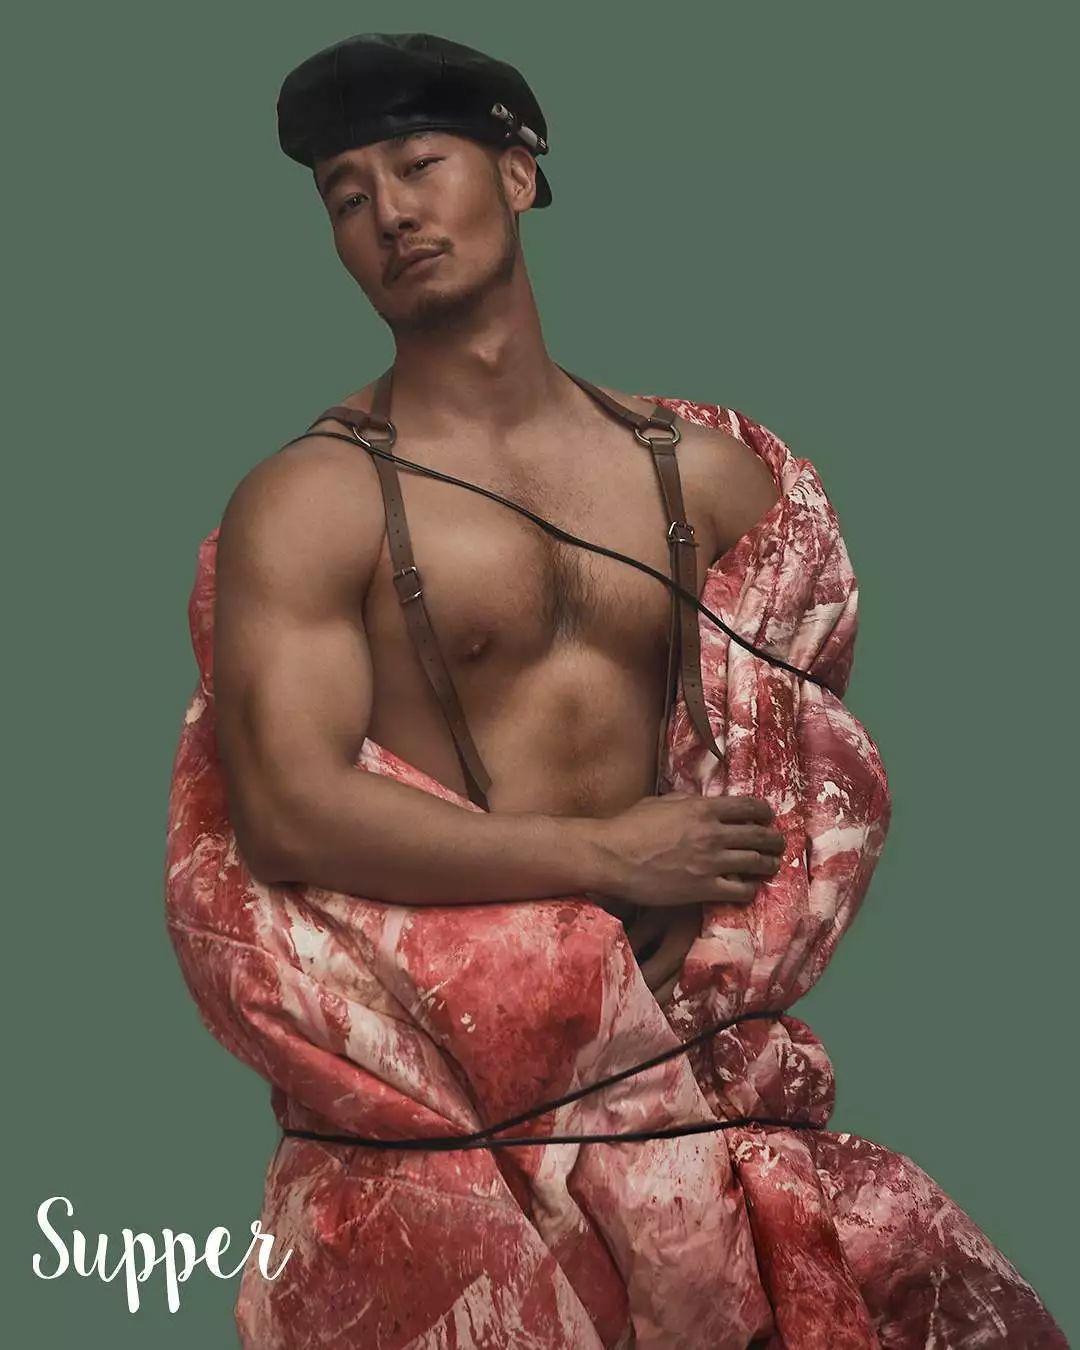 网红摄影师把男模整成这样了…